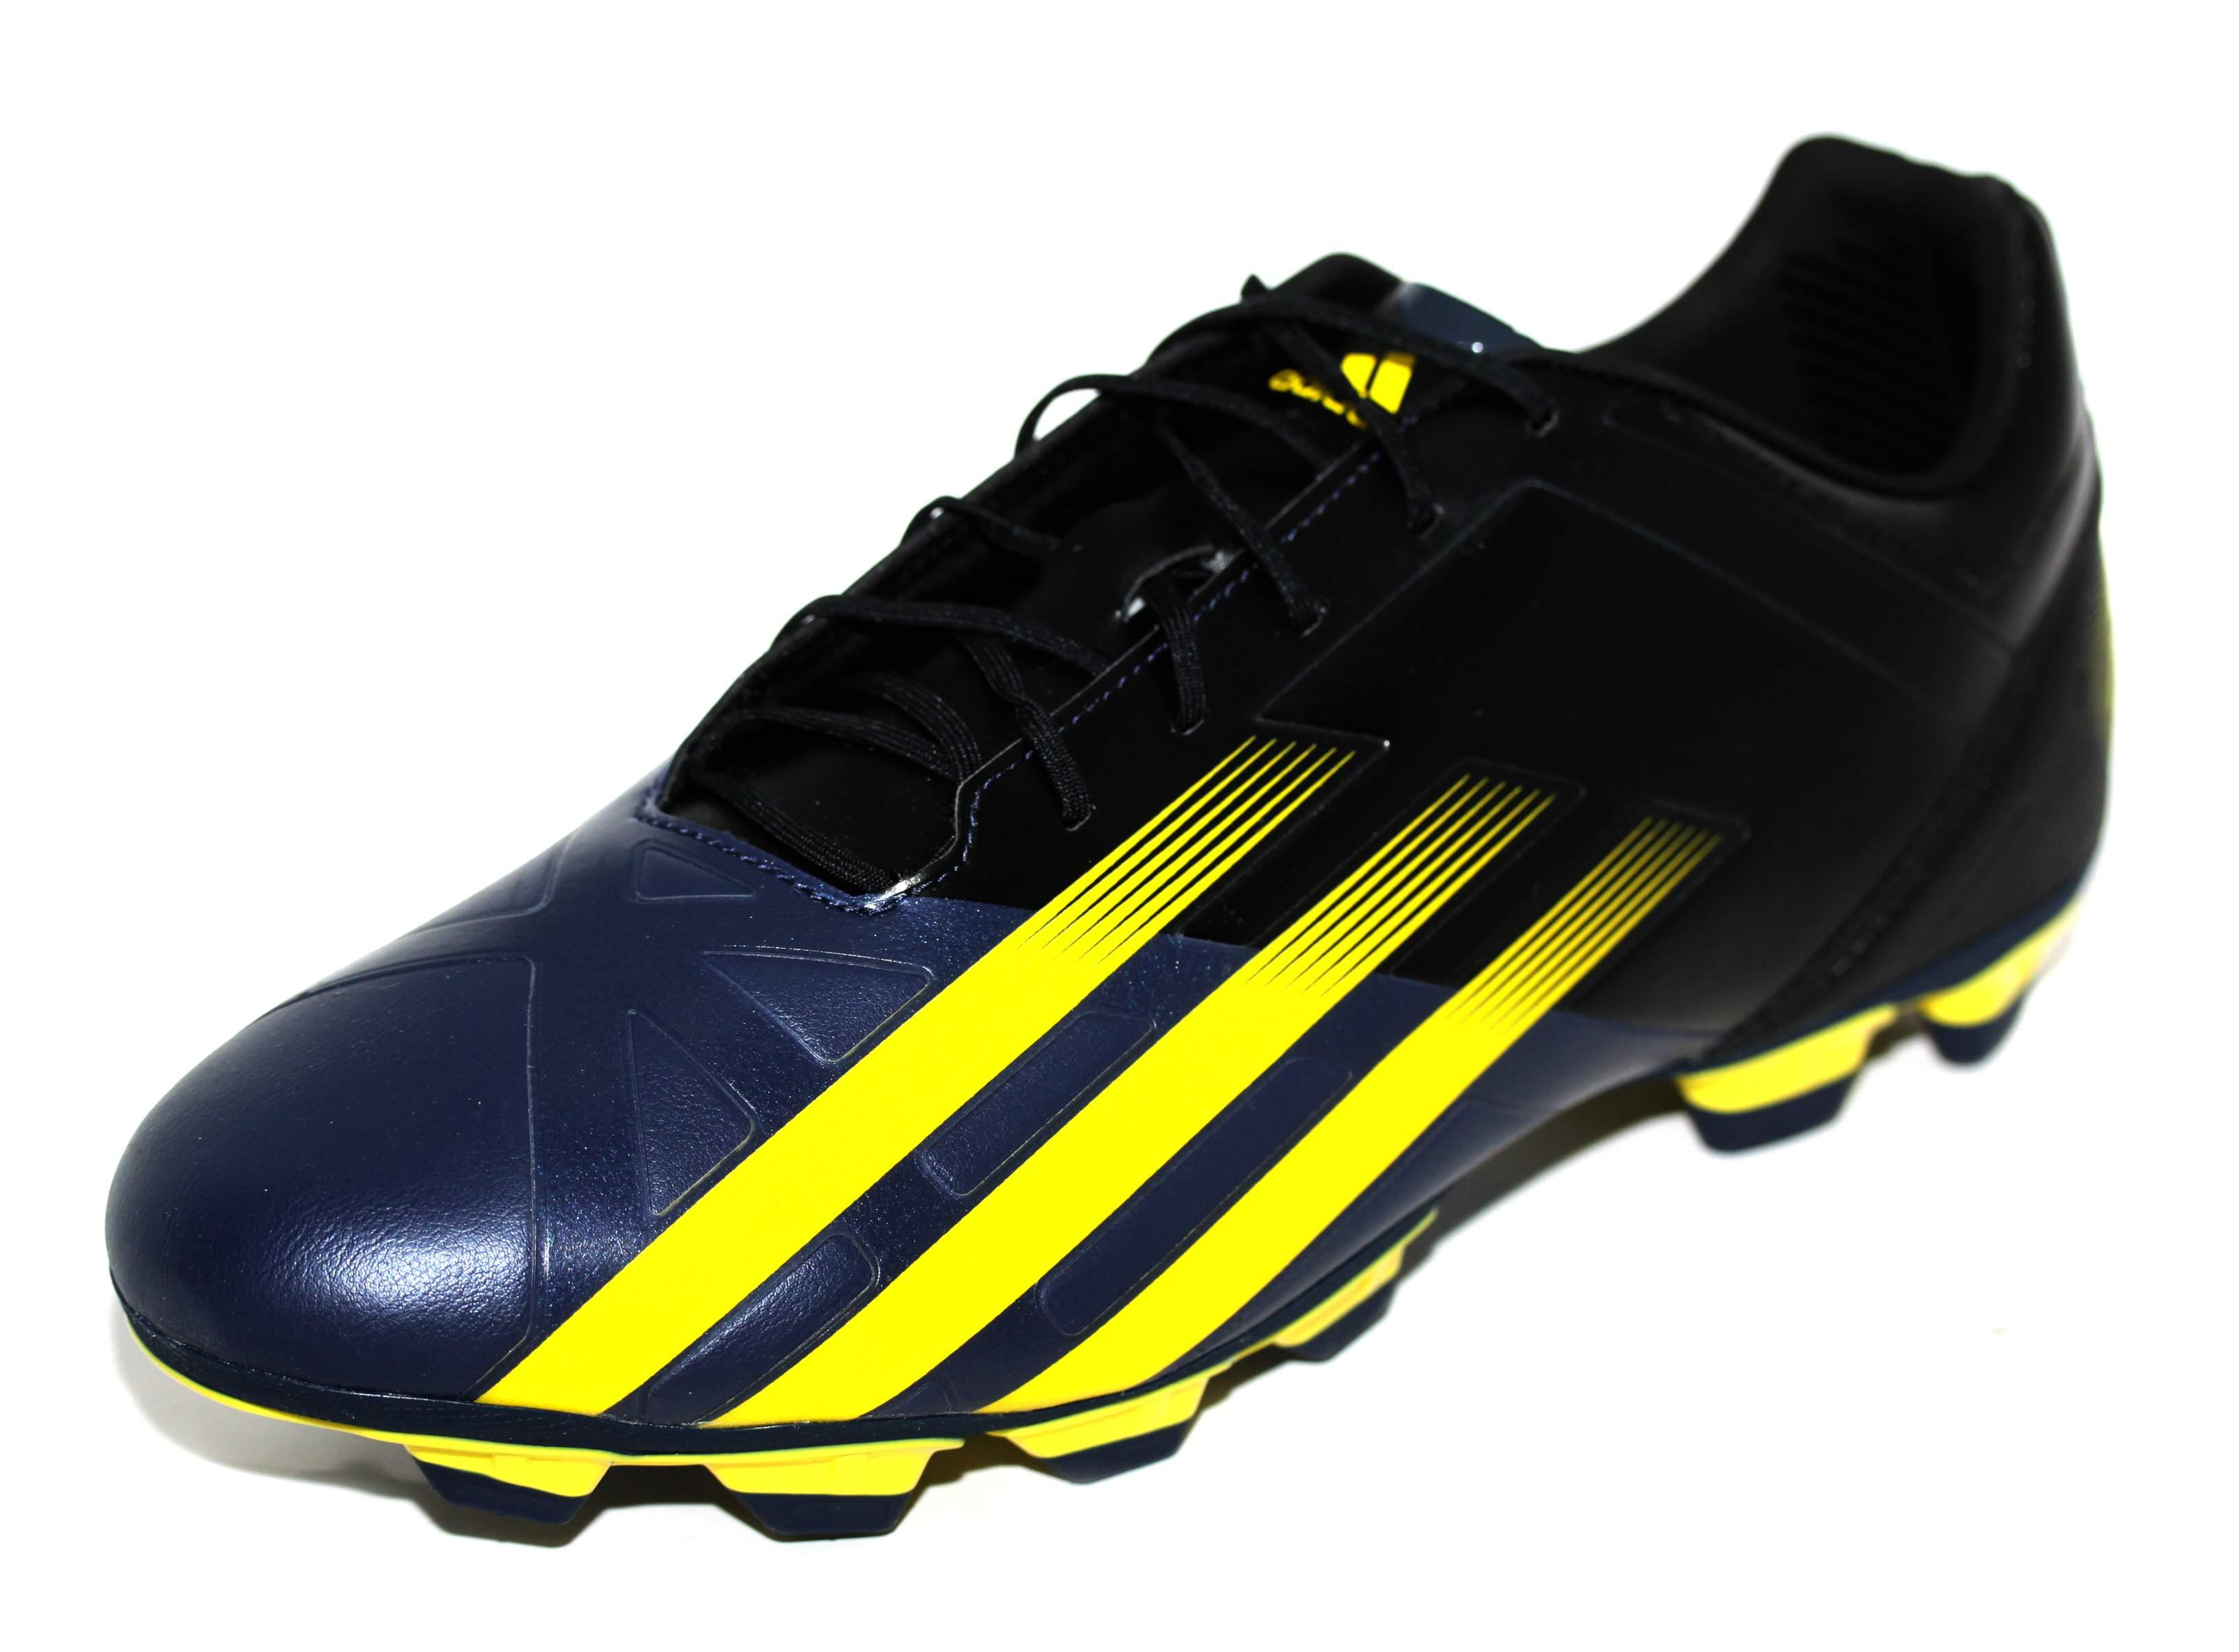 2a2f3b38509eeb Adidas Mens Black Yellow FF80 Pro TRX FG Rugby Boots [G64756] | eBay